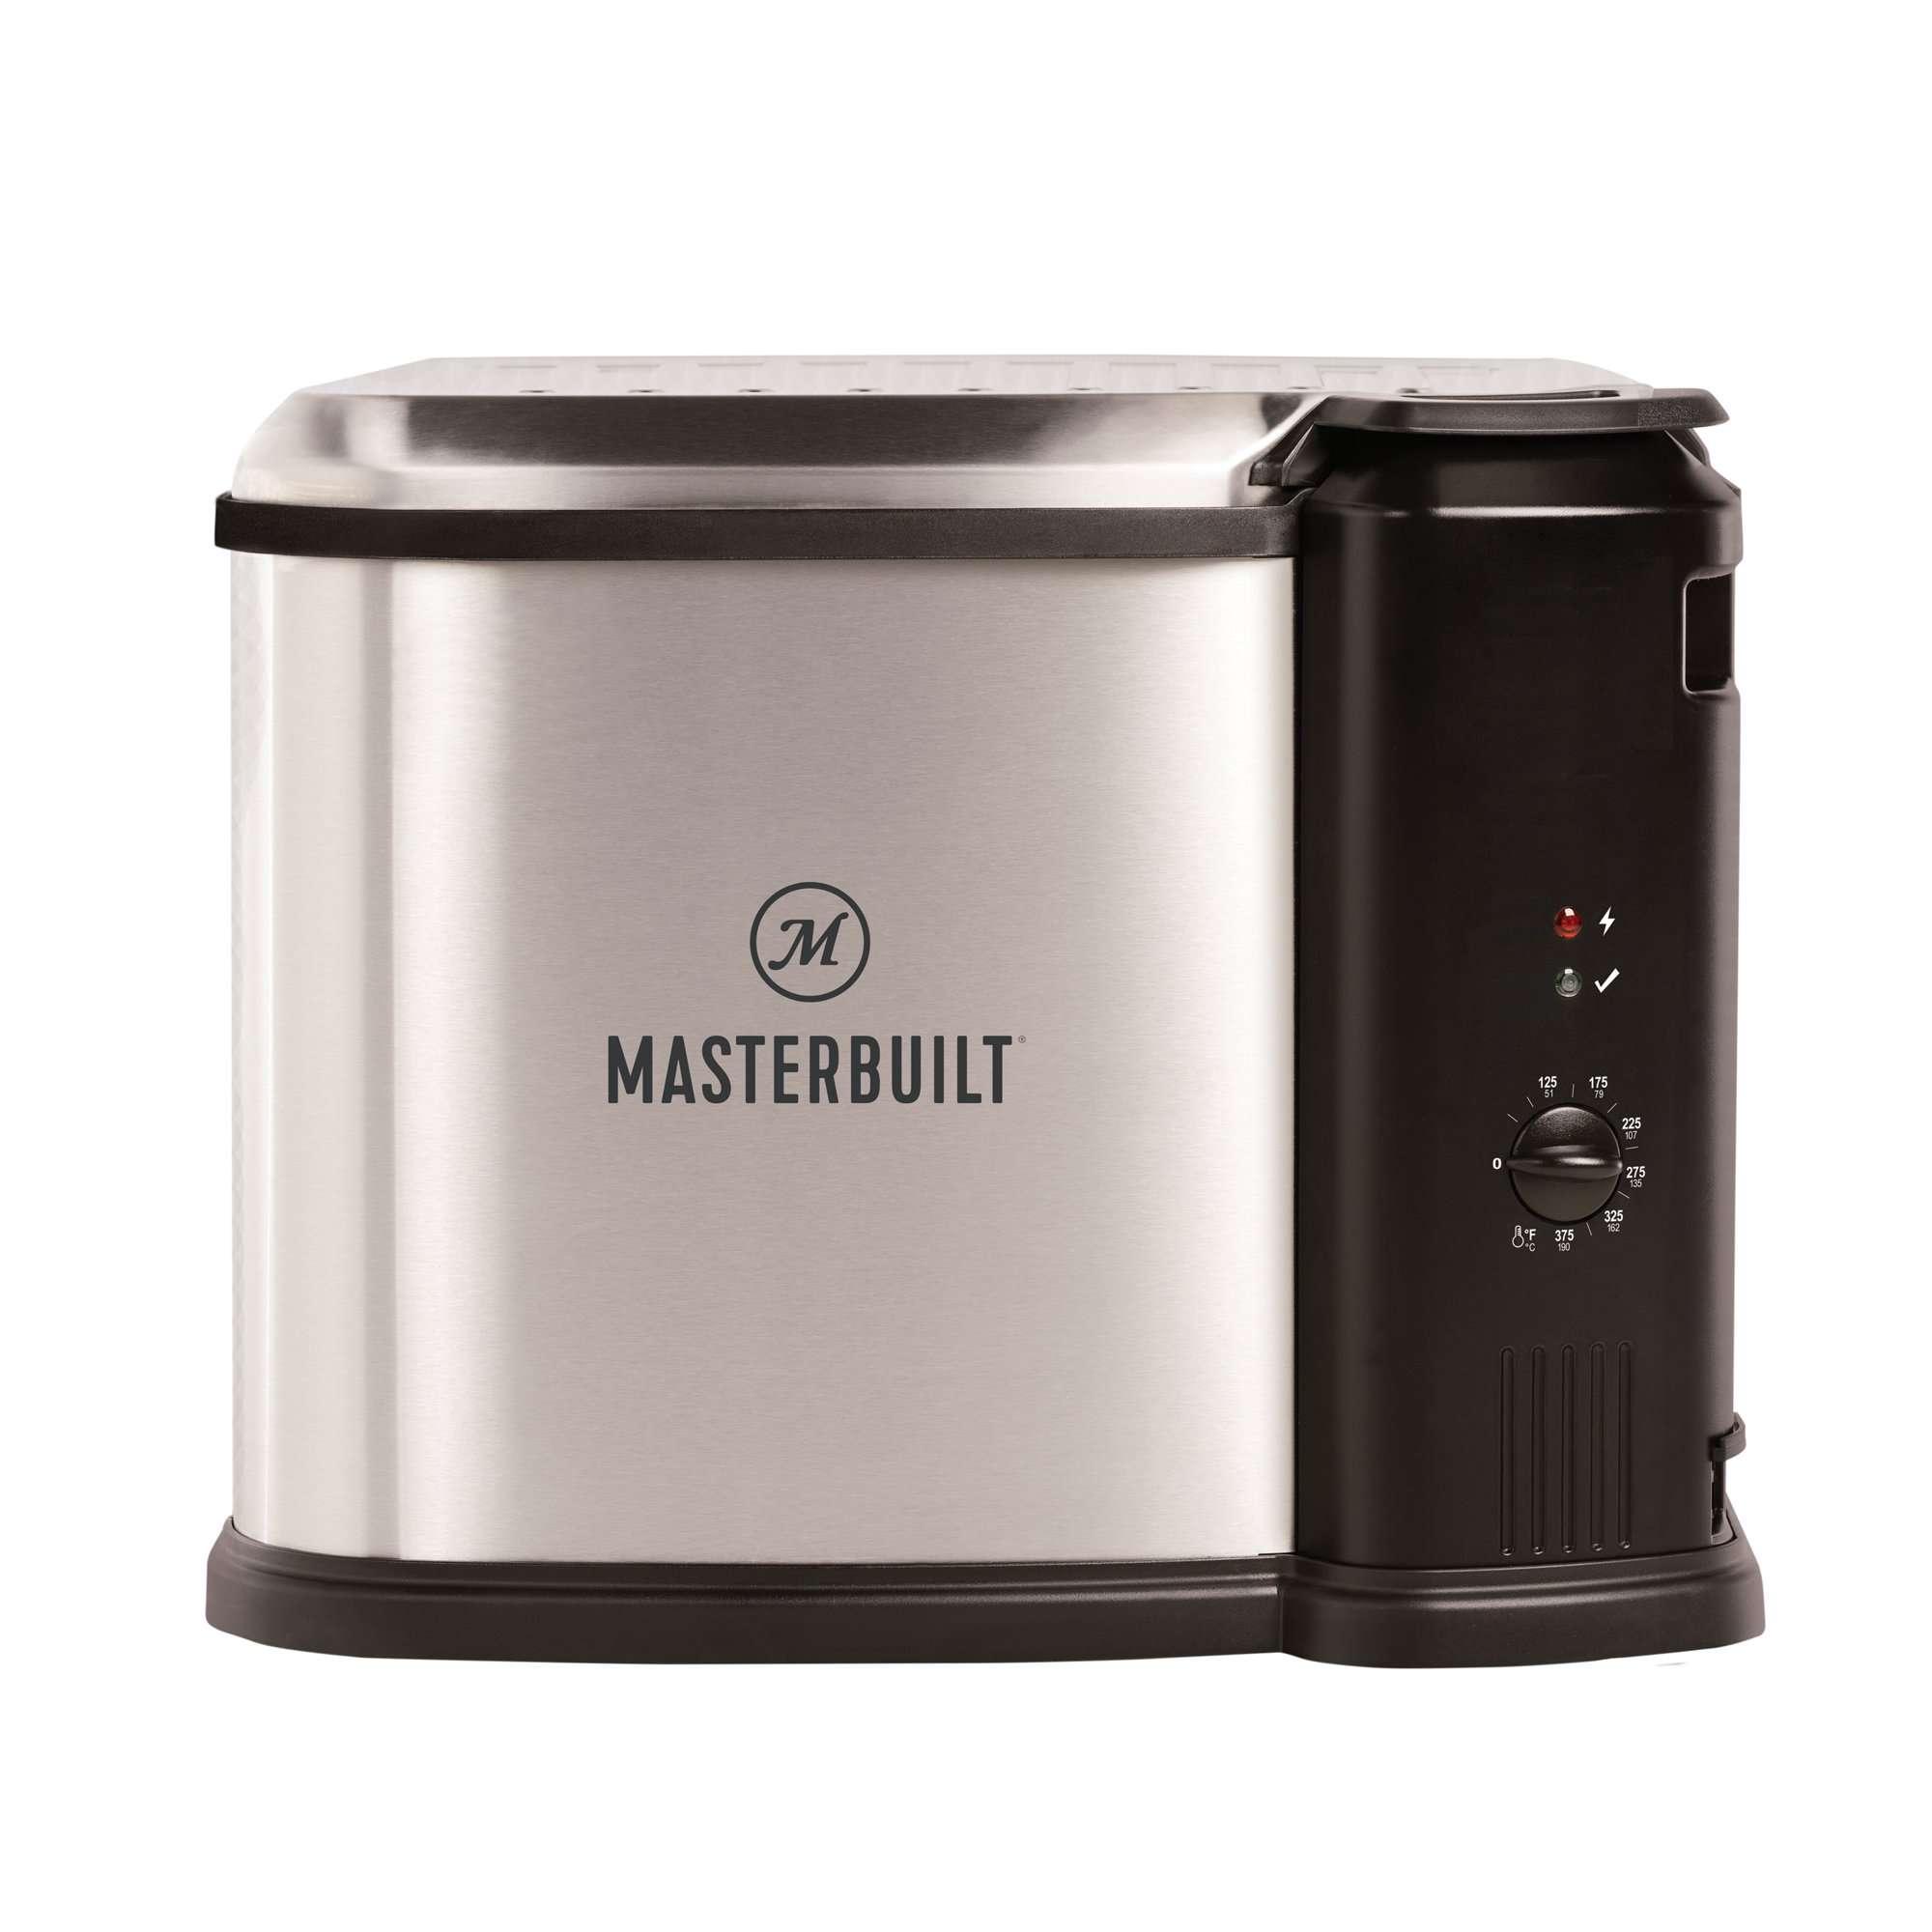 Masterbuilt MB20012420 Electric Fryer Boiler Steamer